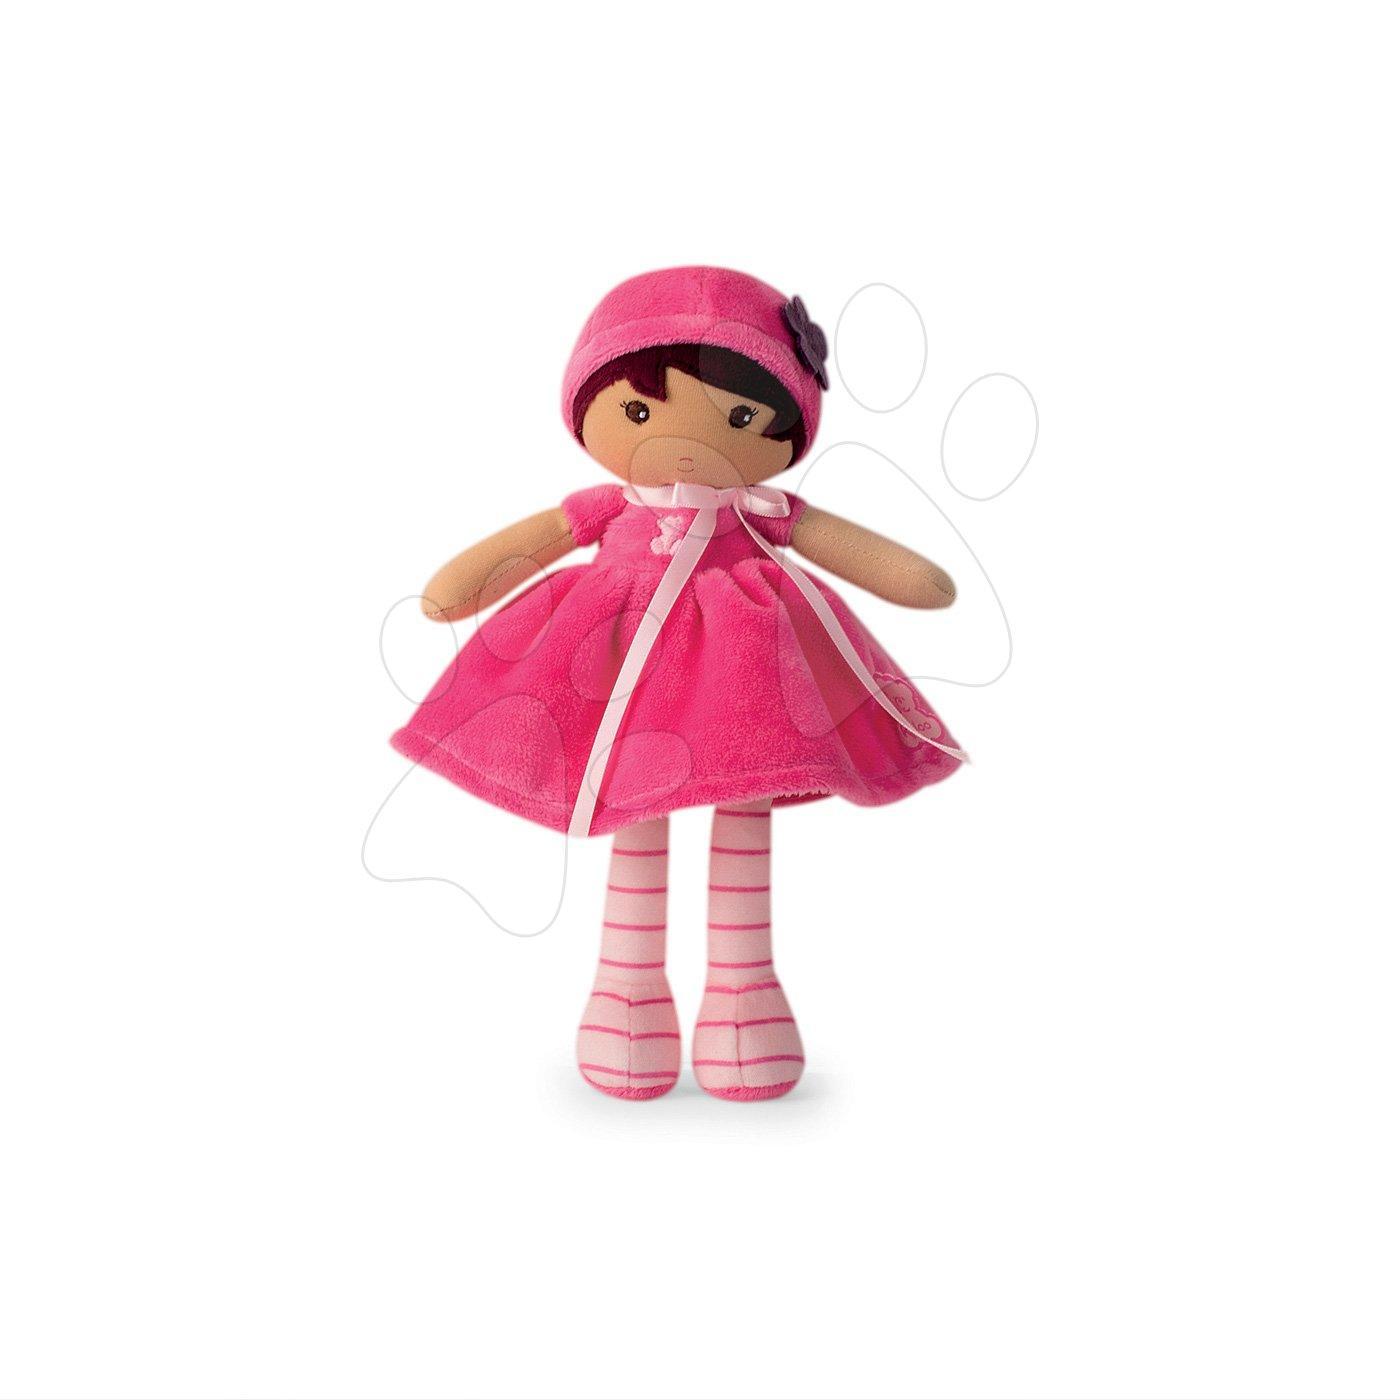 Bábika pre bábätká Emma K Tendresse Kaloo v ružových šatách z jemného textilu v darčekovom balení 25 cm